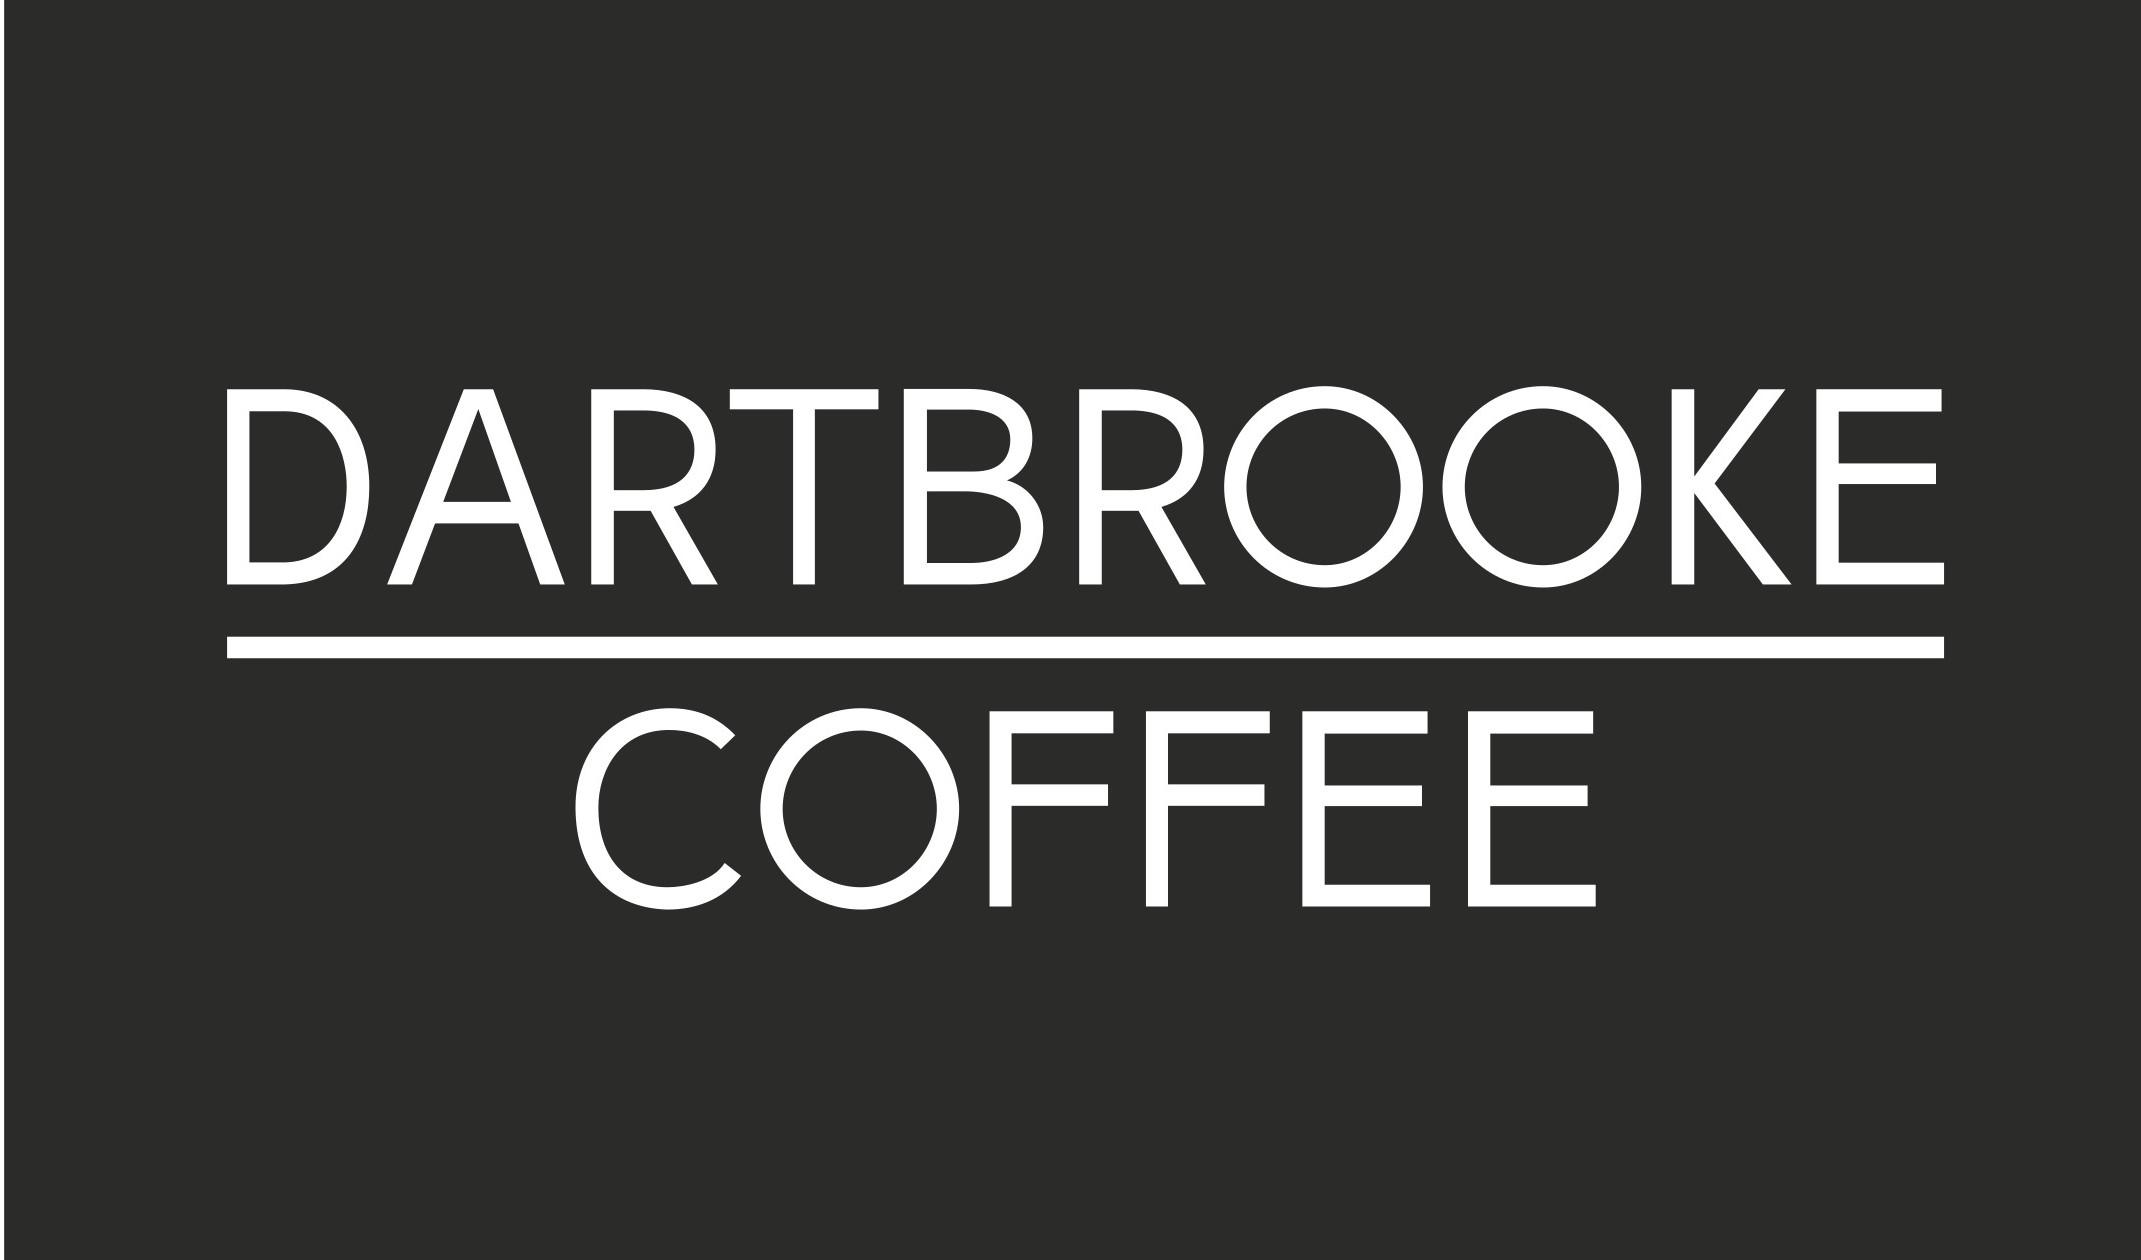 DARTBROOKE COFFEE LTD.